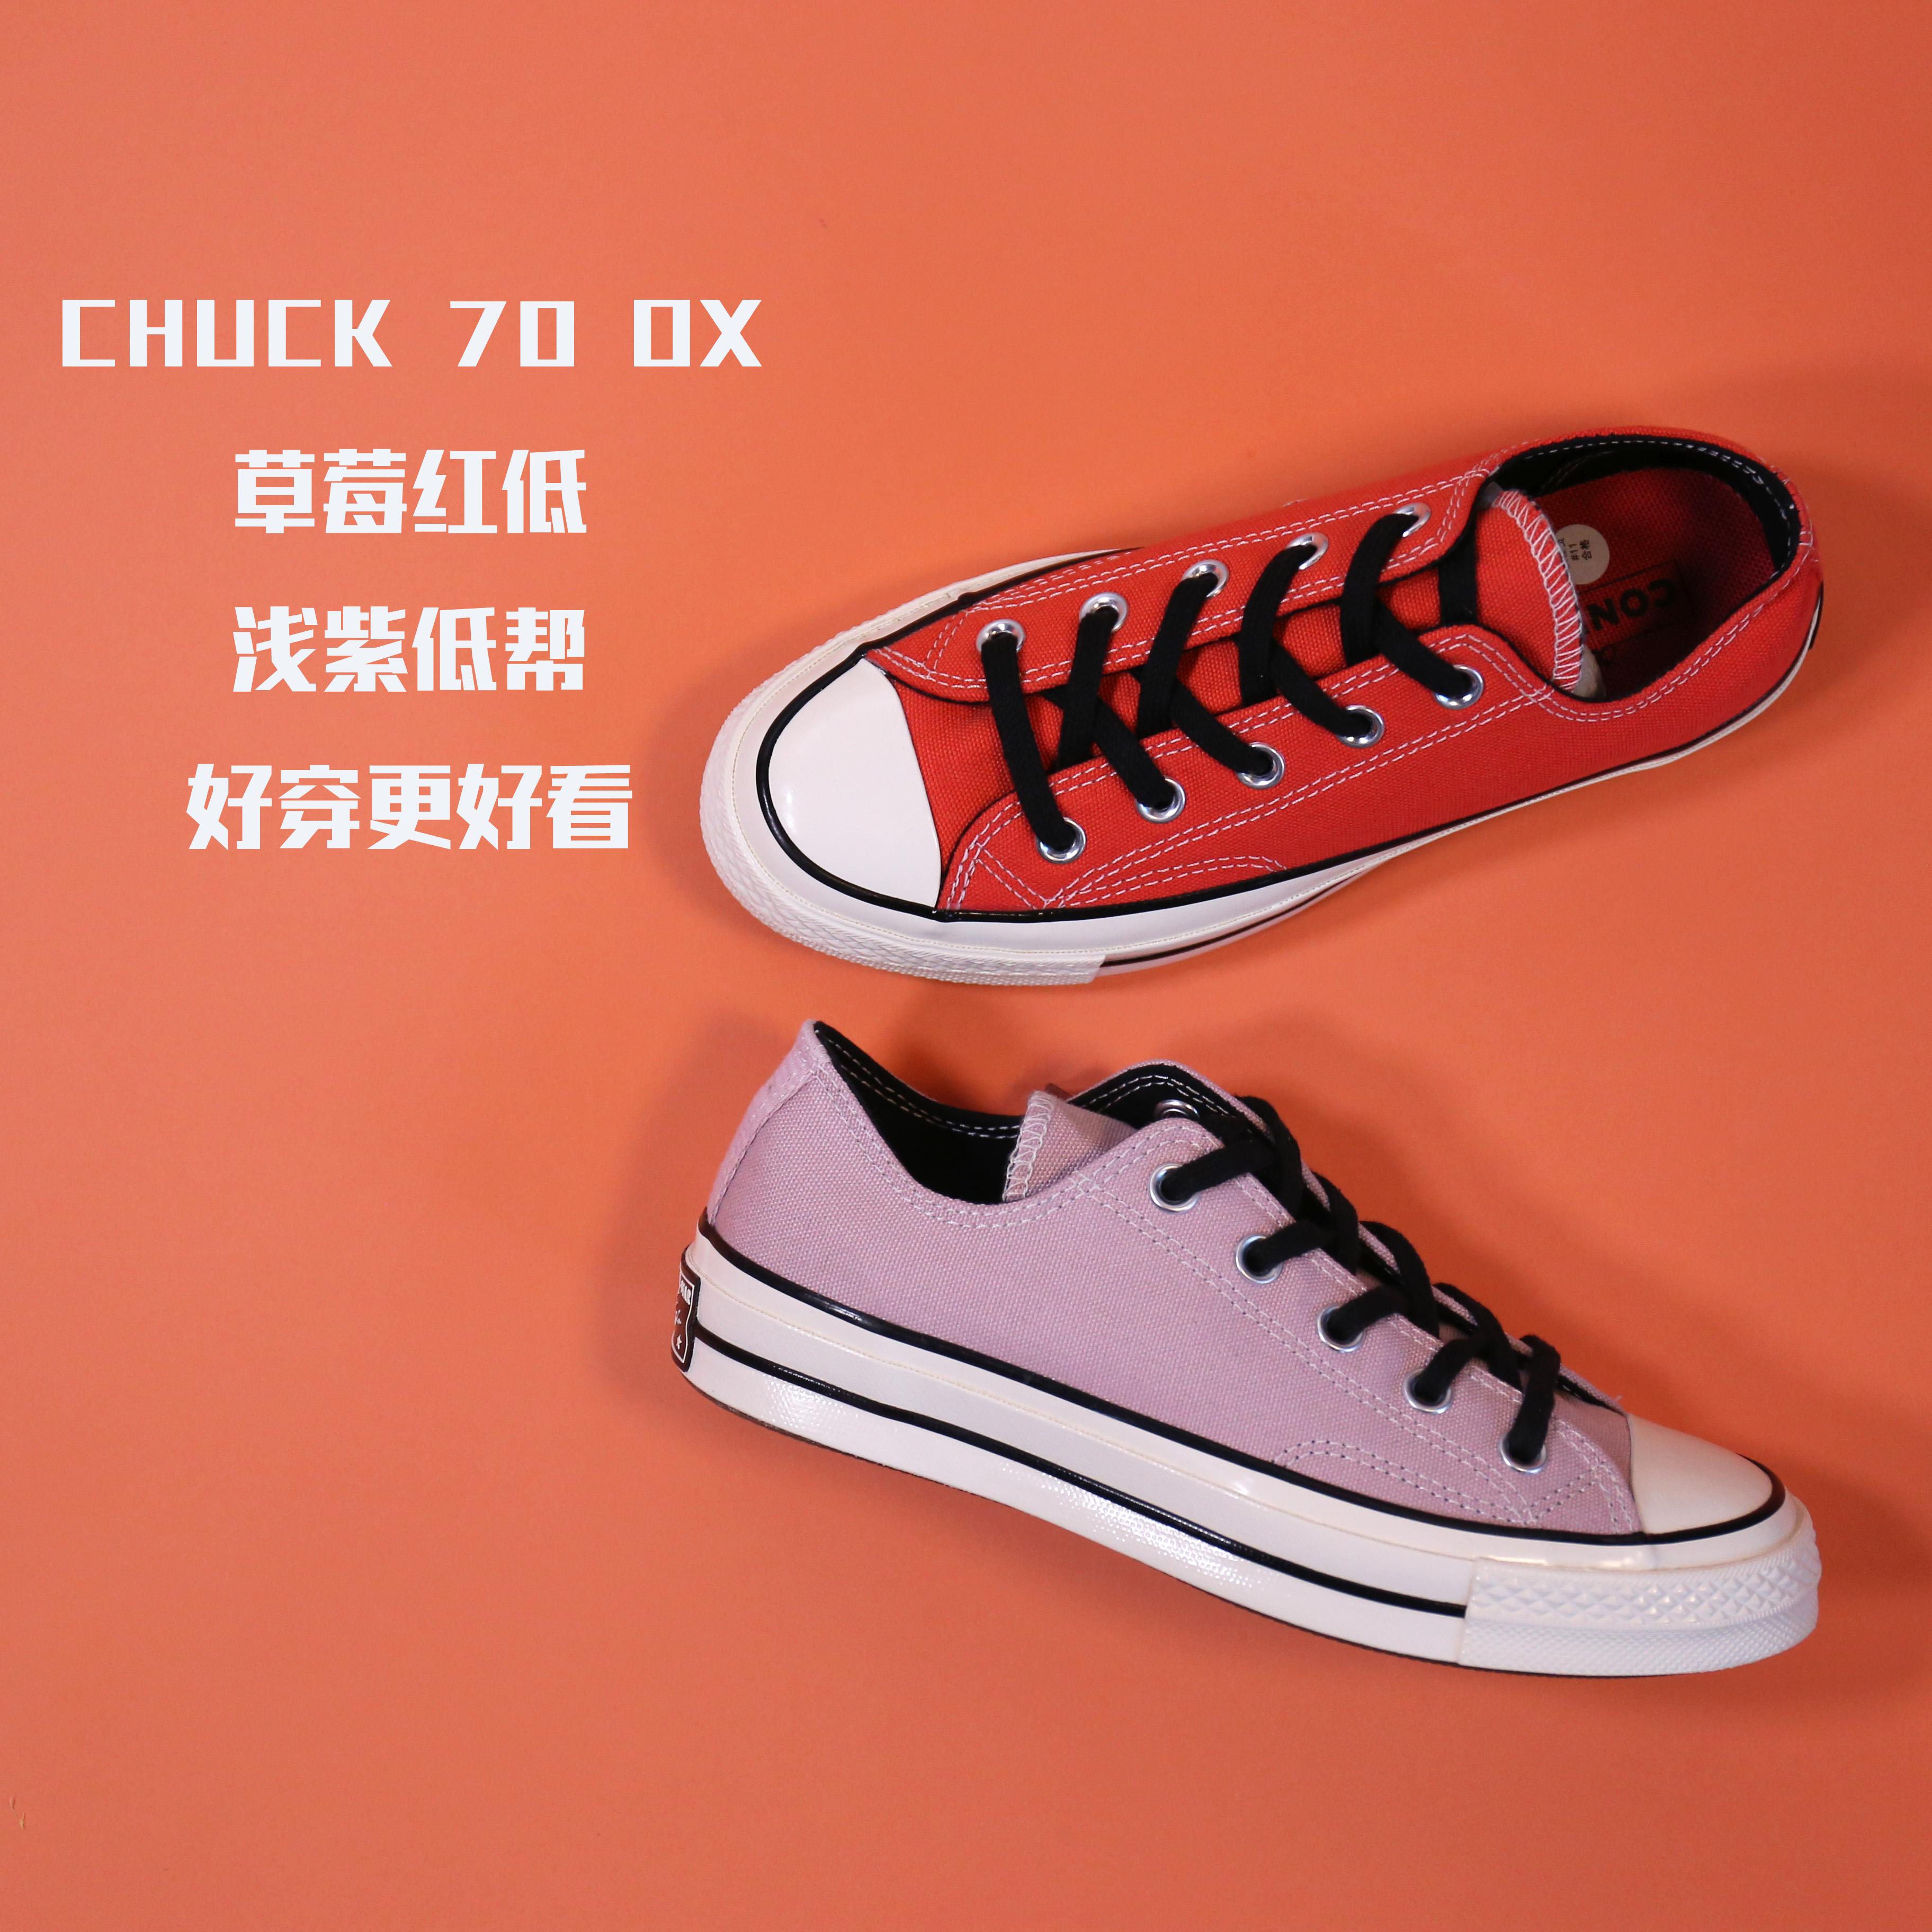 Converse匡威1970s三星标粉红色低帮男女帆布鞋163335C 163336C